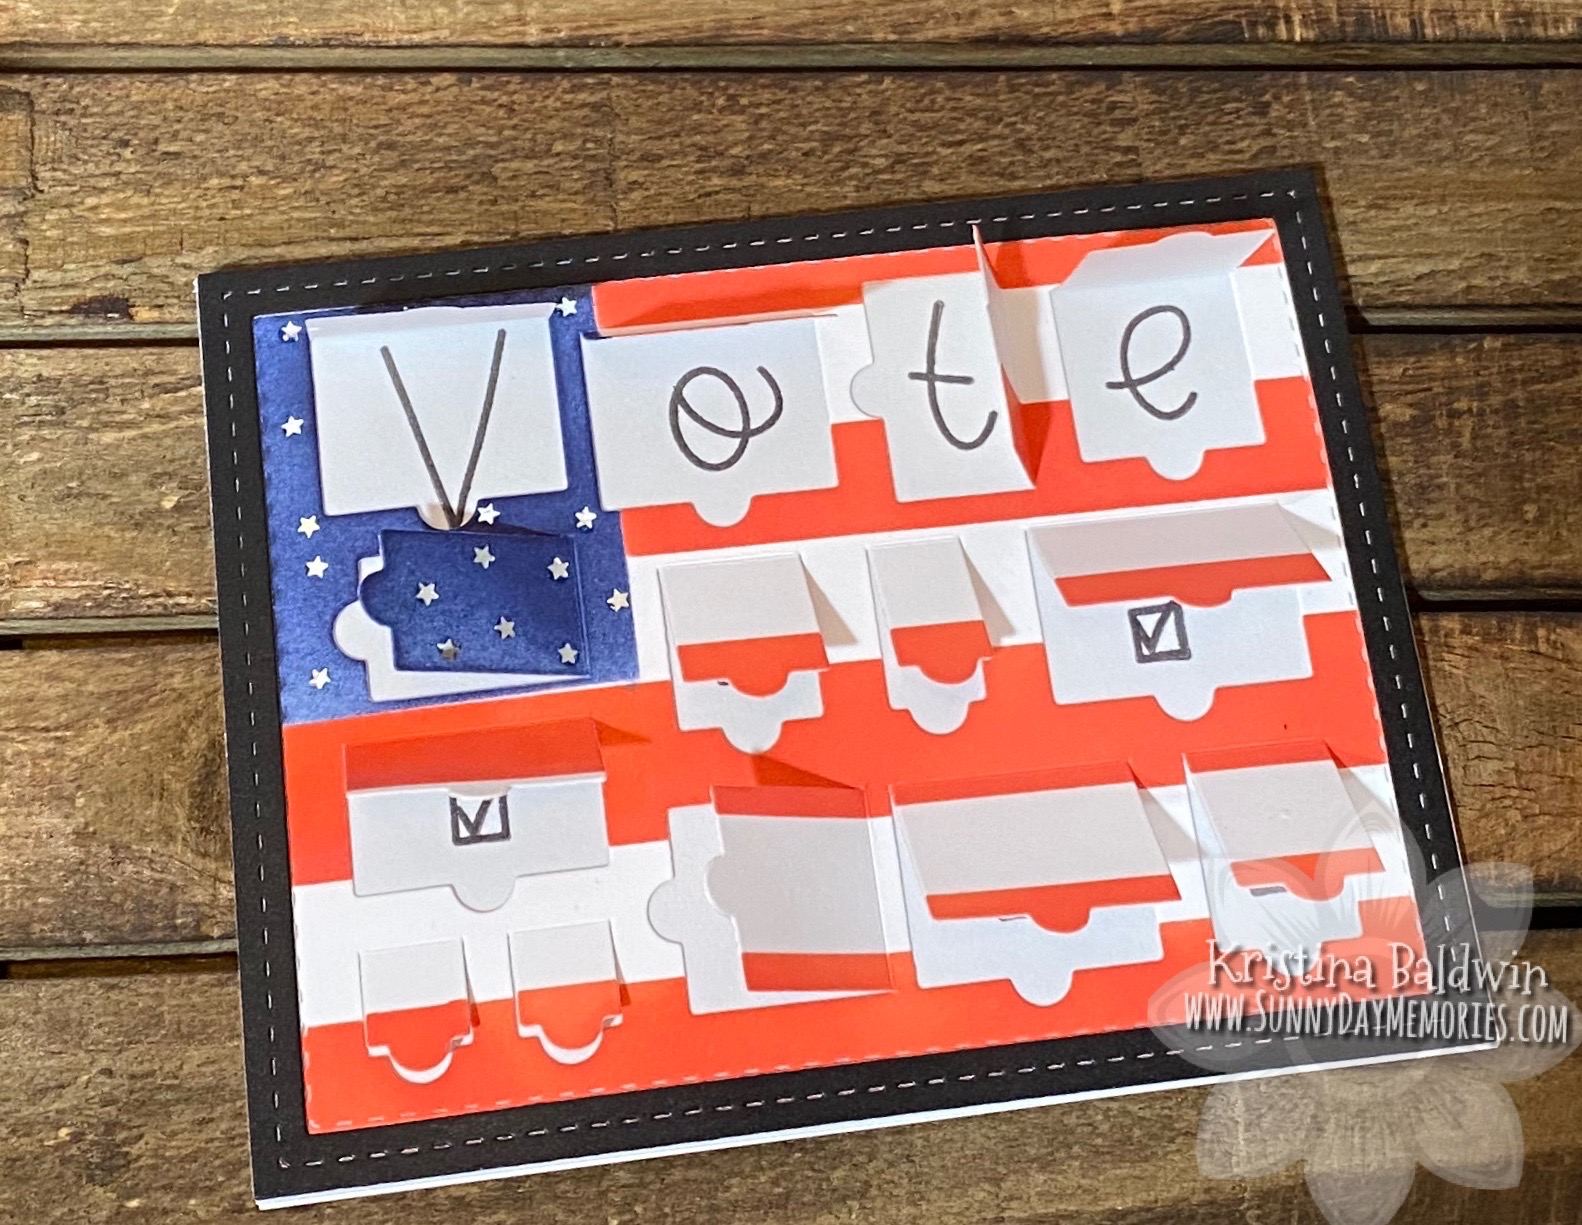 Vote Tabbed Door Card Open